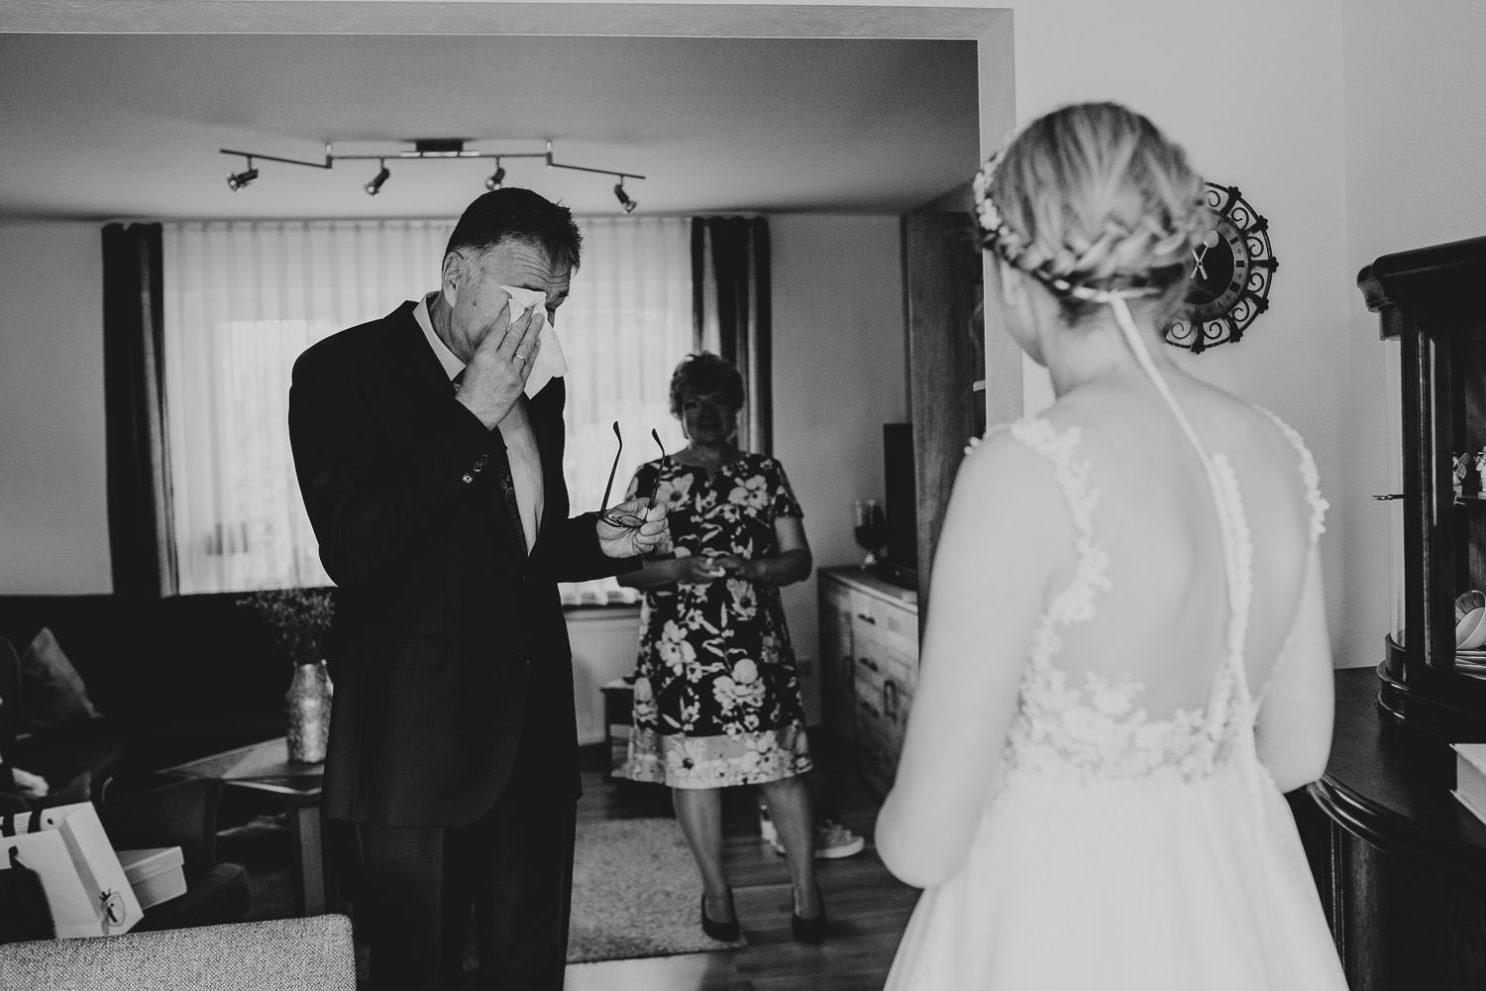 Vater der Braut weint bei First Look Shooting